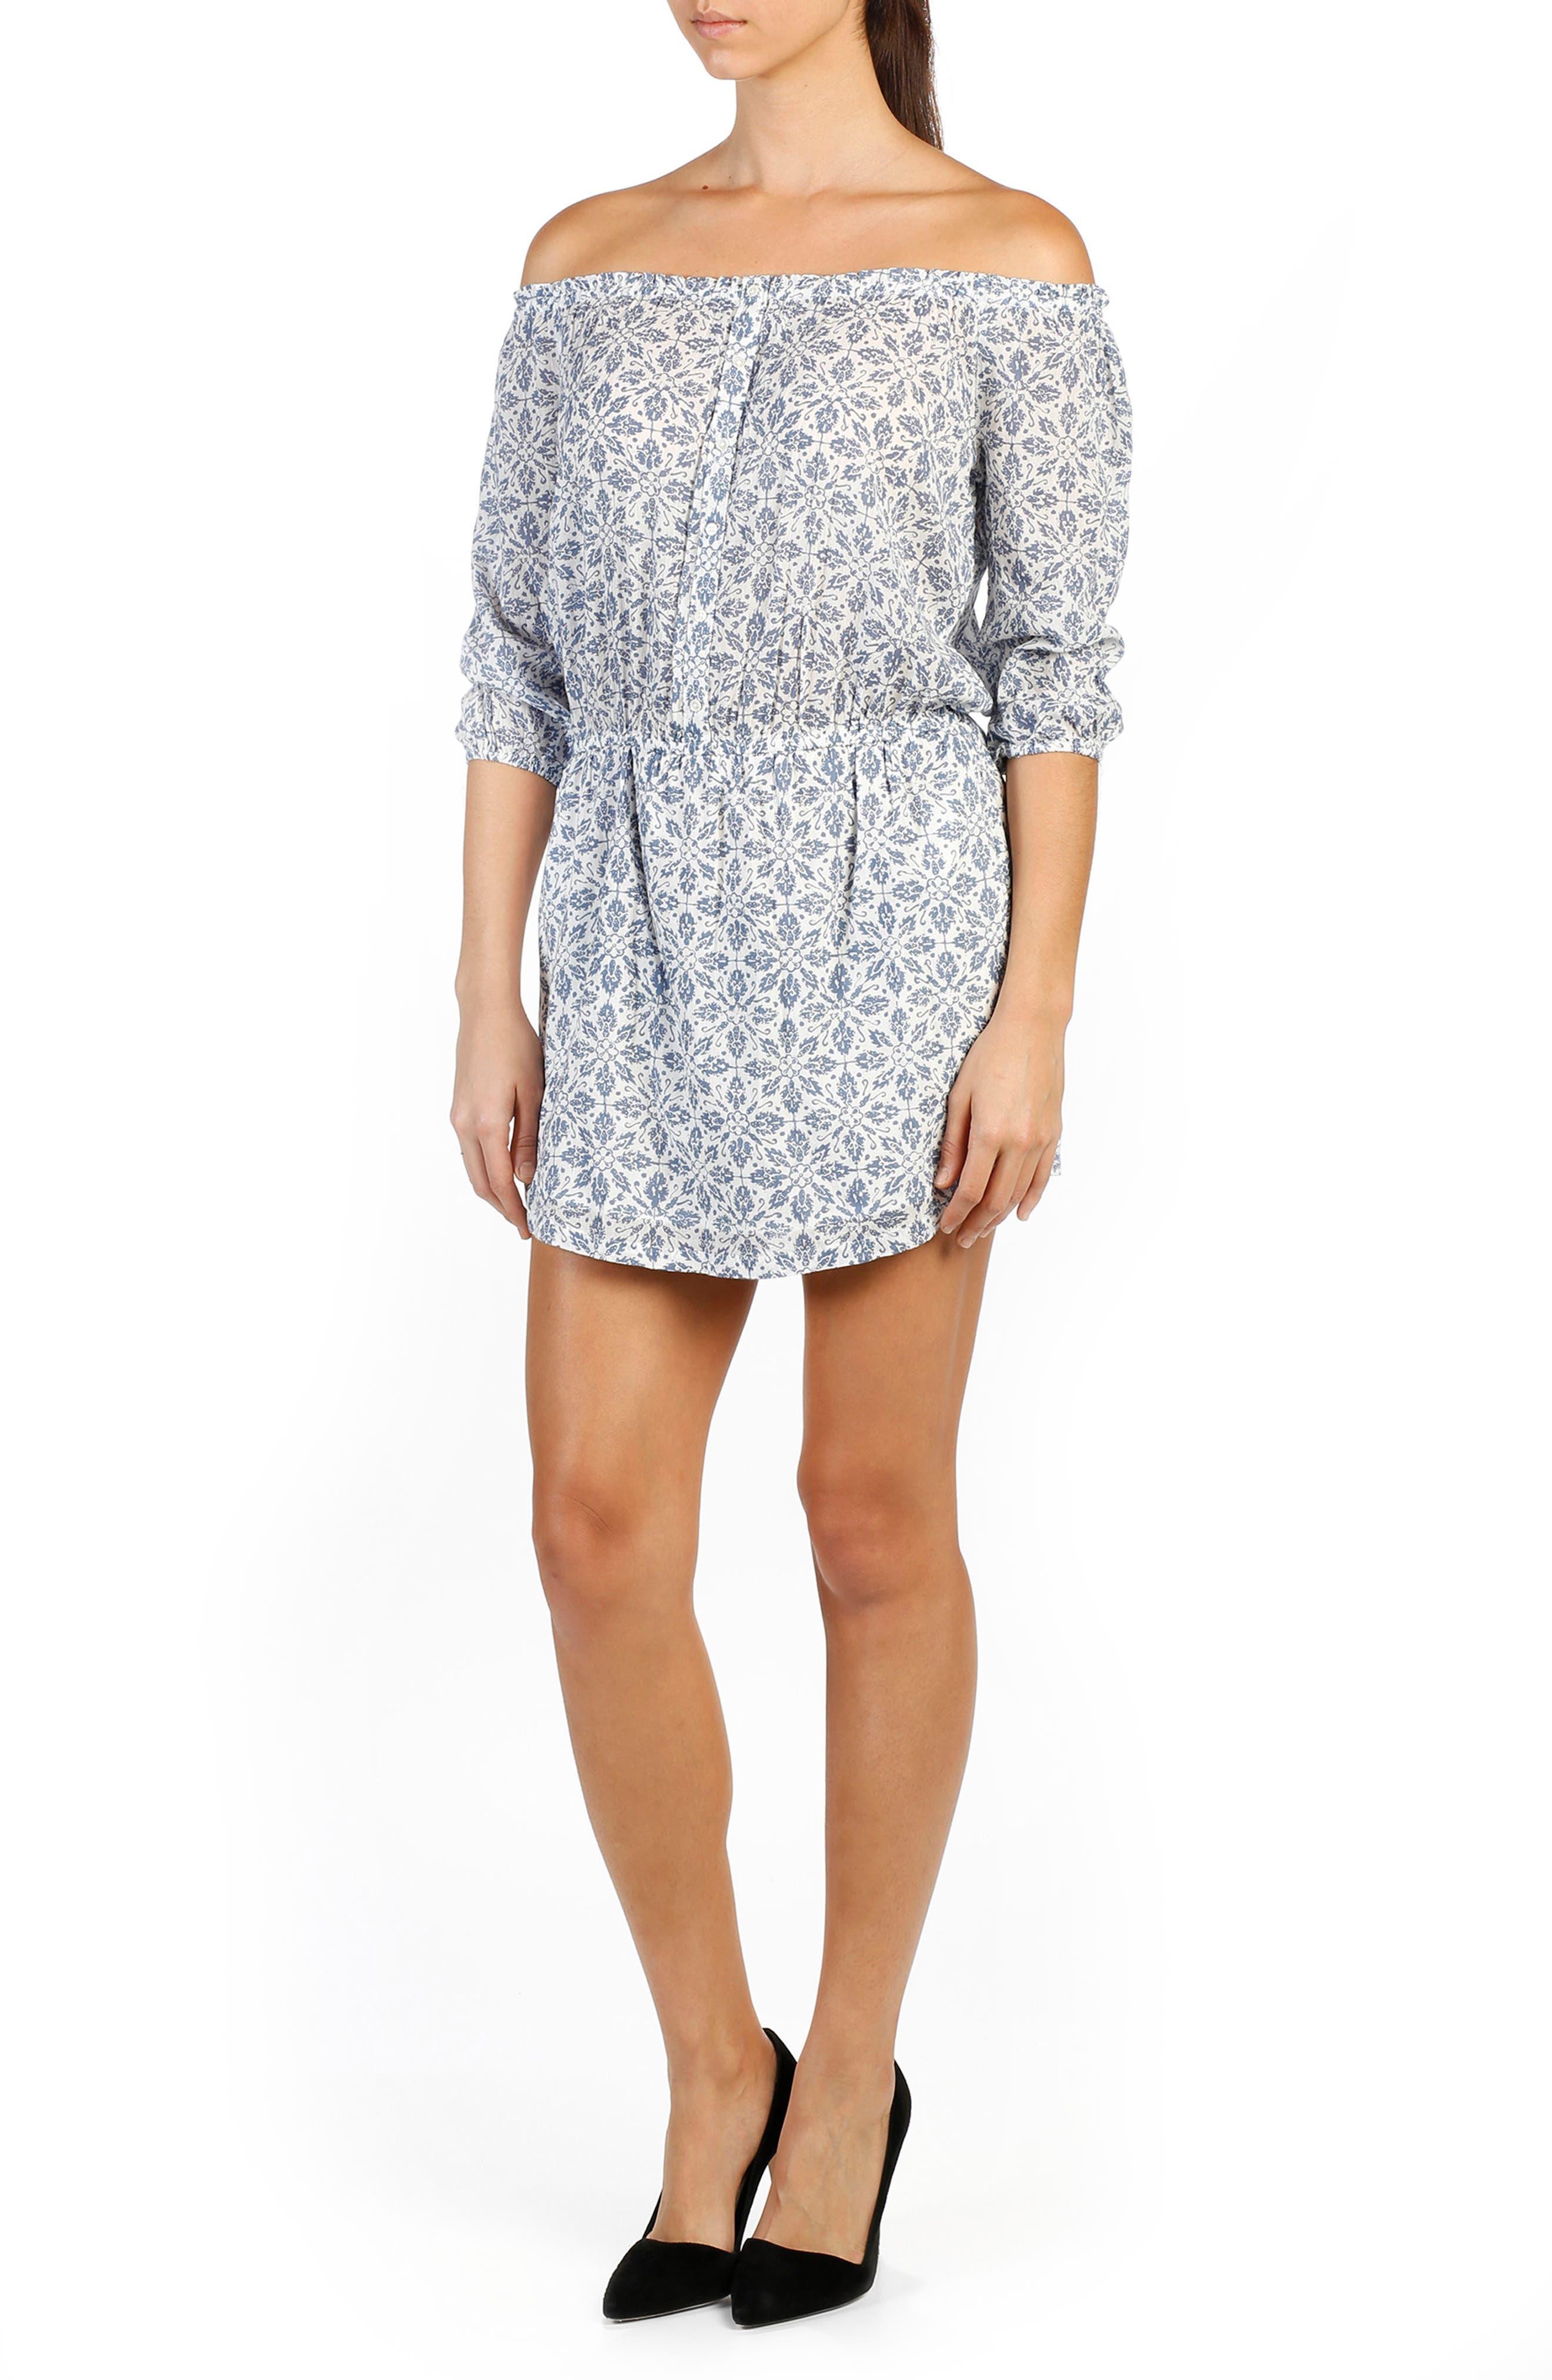 Alternate Image 1 Selected - PAIGE Clover Off the Shoulder Dress